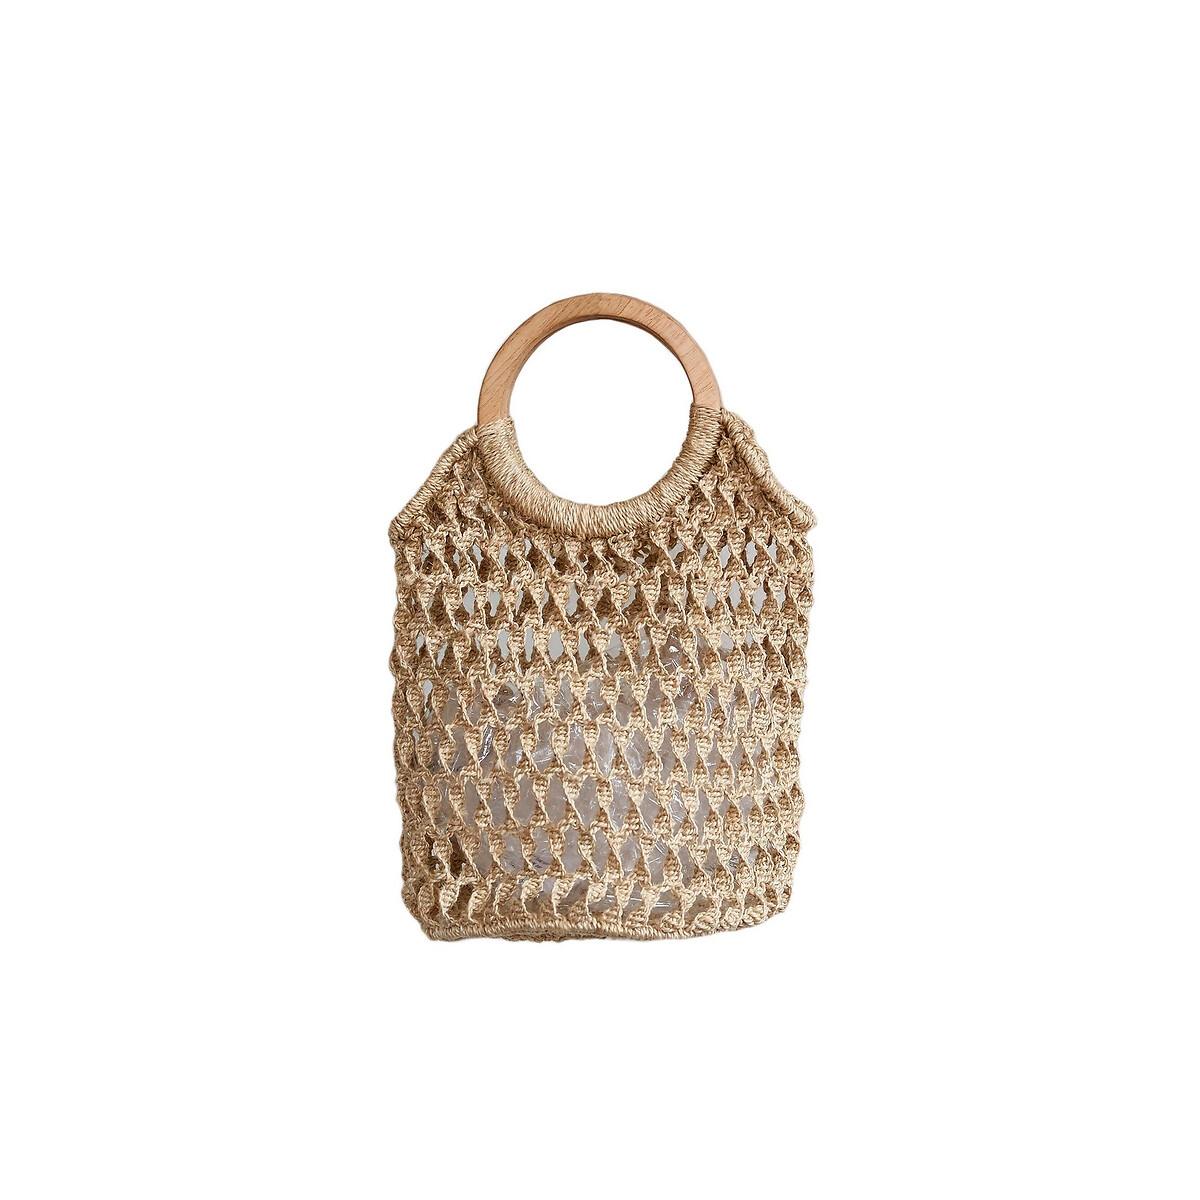 Фото - Сумка-шоппер LaRedoute Из джута CORA единый размер бежевый сумка шоппер laredoute из льна с блесками единый размер синий